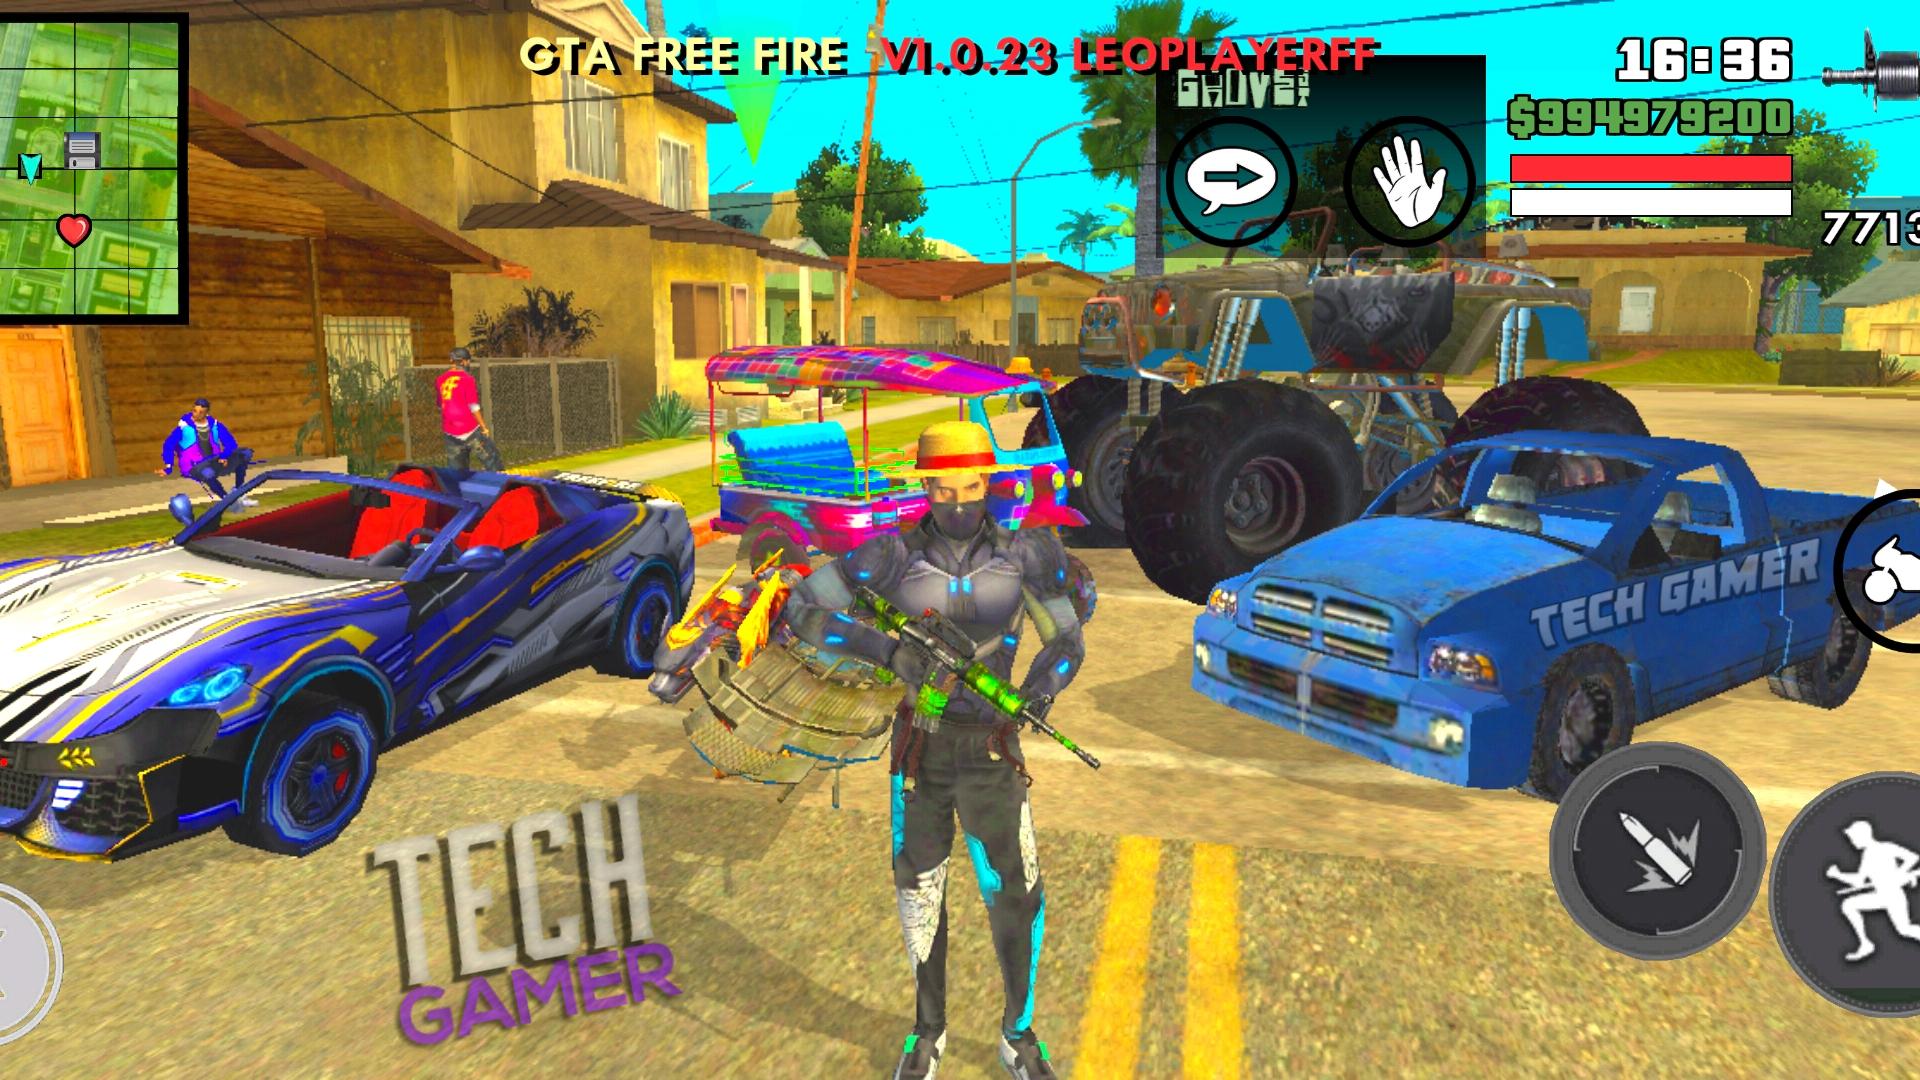 Game Vida Real Estilo Free Fire Para Android Grand Theft Auto Desenho De Asas De Anjo Gta San Andreas